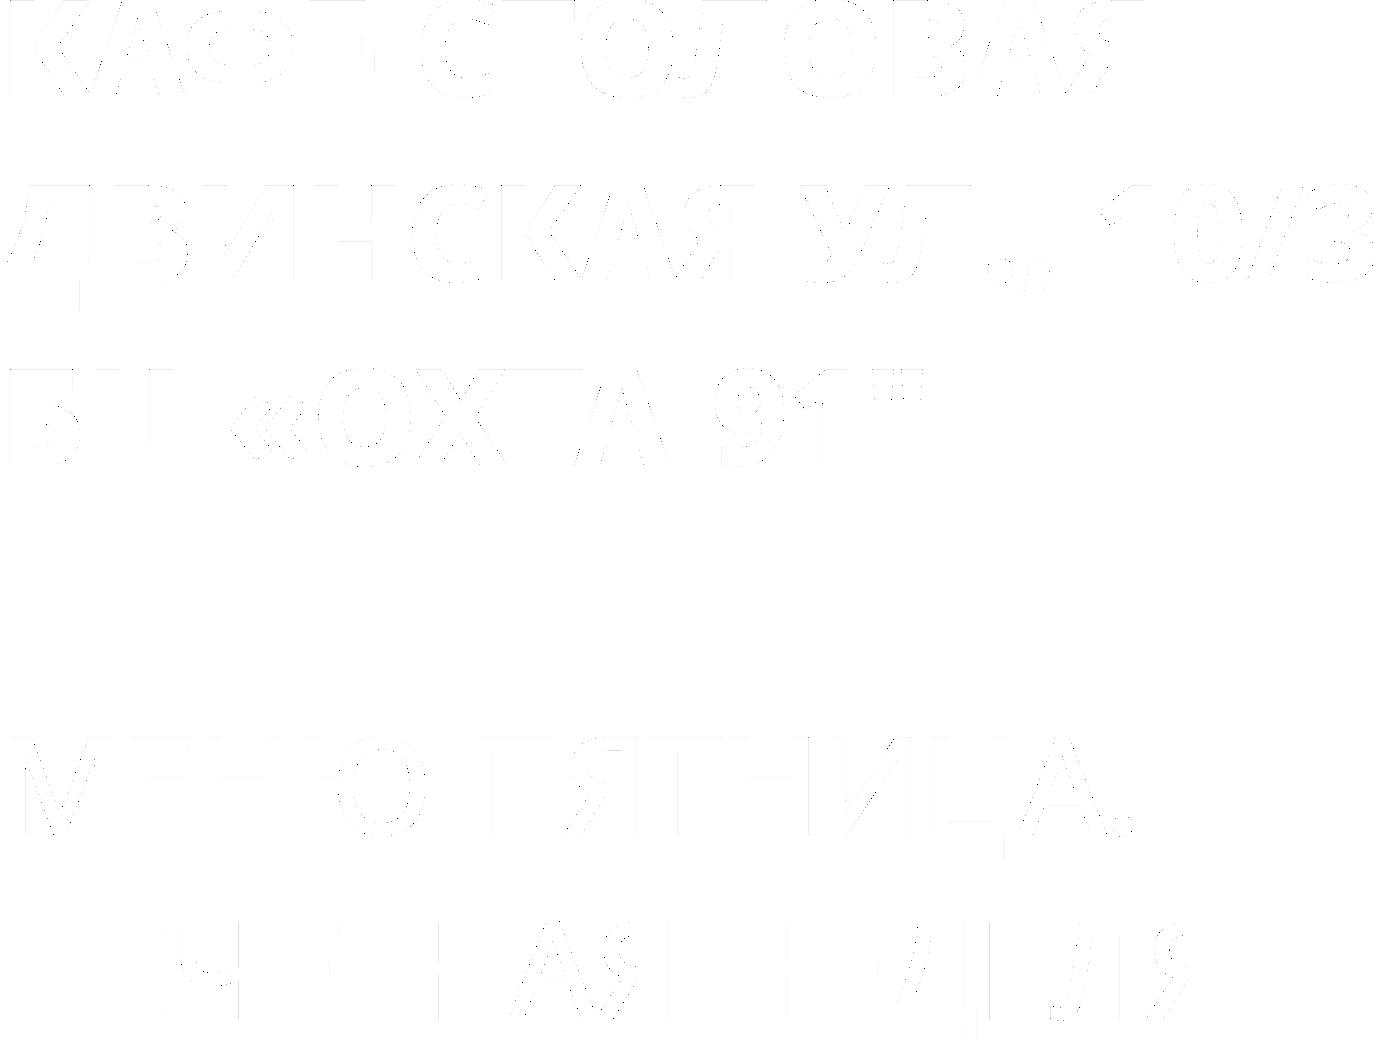 """КАФЕ-СТОЛОВАЯ БЦ """"ОХТА-91"""" Двинская ул., 10/3 МЕНЮ ПЯТНИЦА. НЕЧЕТНАЯ НЕДЕЛЯ"""